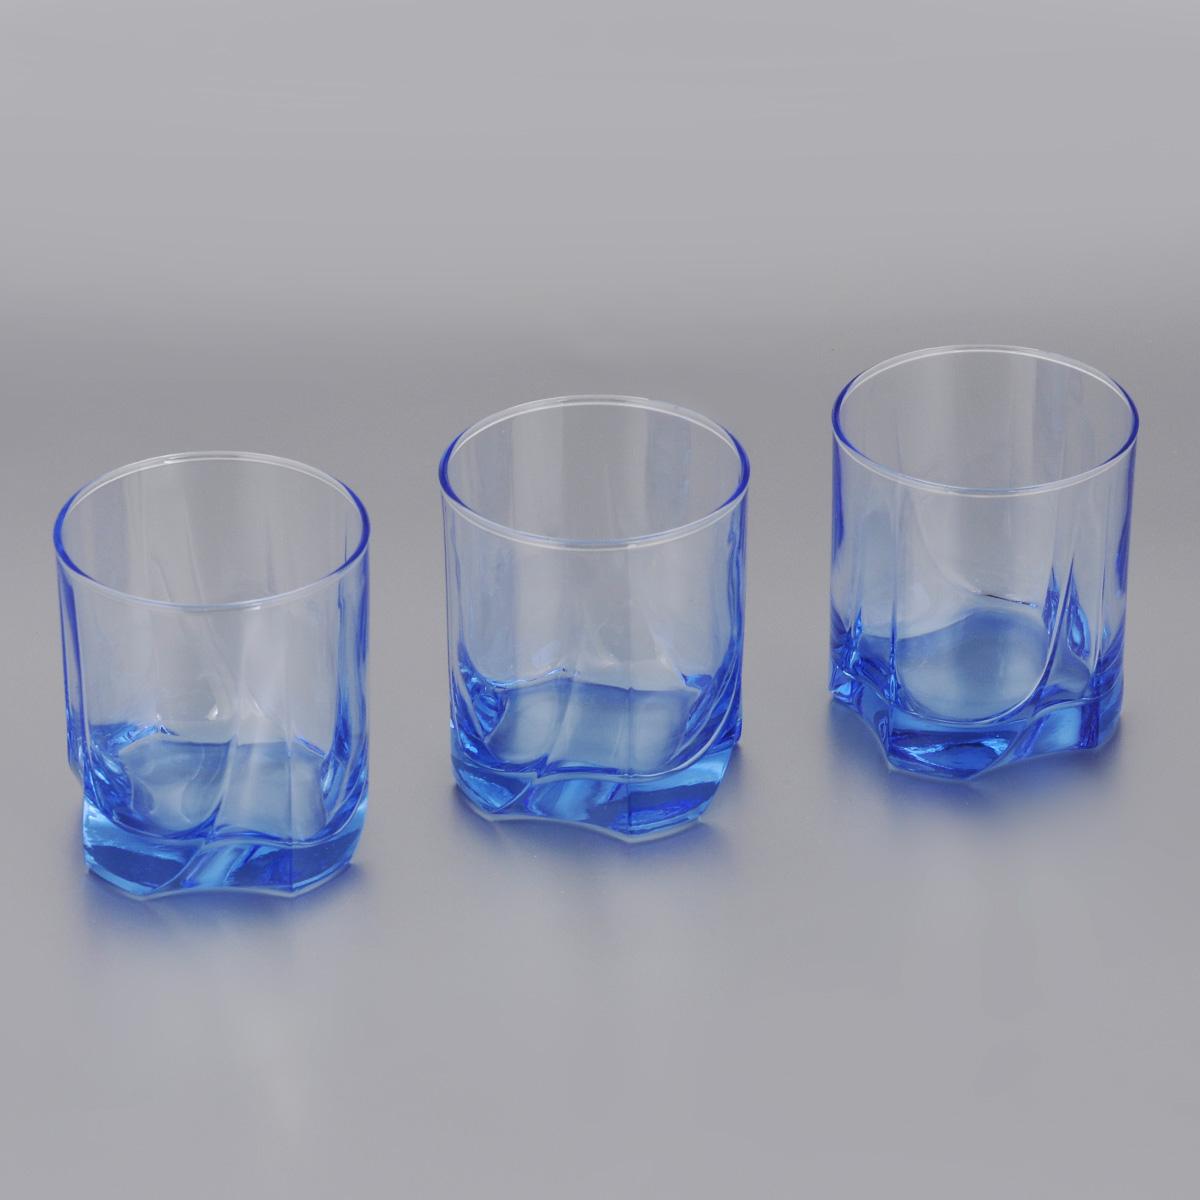 Набор стаканов для виски Pasabahce Light Blue, 368 мл, 3 шт42348BMНабор Pasabahce Light Blue состоит из трех стаканов, выполненных из прочного натрий-кальций-силикатного стекла. Изделия оснащены многогранной рельефной поверхностью и цветным дном. Набор предназначен для подачи виски. Стаканы сочетают в себе элегантный дизайн и функциональность. Благодаря такому набору пить напитки будет еще вкуснее. Набор стаканов Pasabahce Light Blue прекрасно оформит праздничный стол и создаст приятную атмосферу за романтическим ужином. Такой набор также станет хорошим подарком к любому случаю. Можно мыть в посудомоечной машине и использовать в микроволновой печи. Диаметр стакана по верхнему краю: 8 см. Высота стакана: 9,5 см.